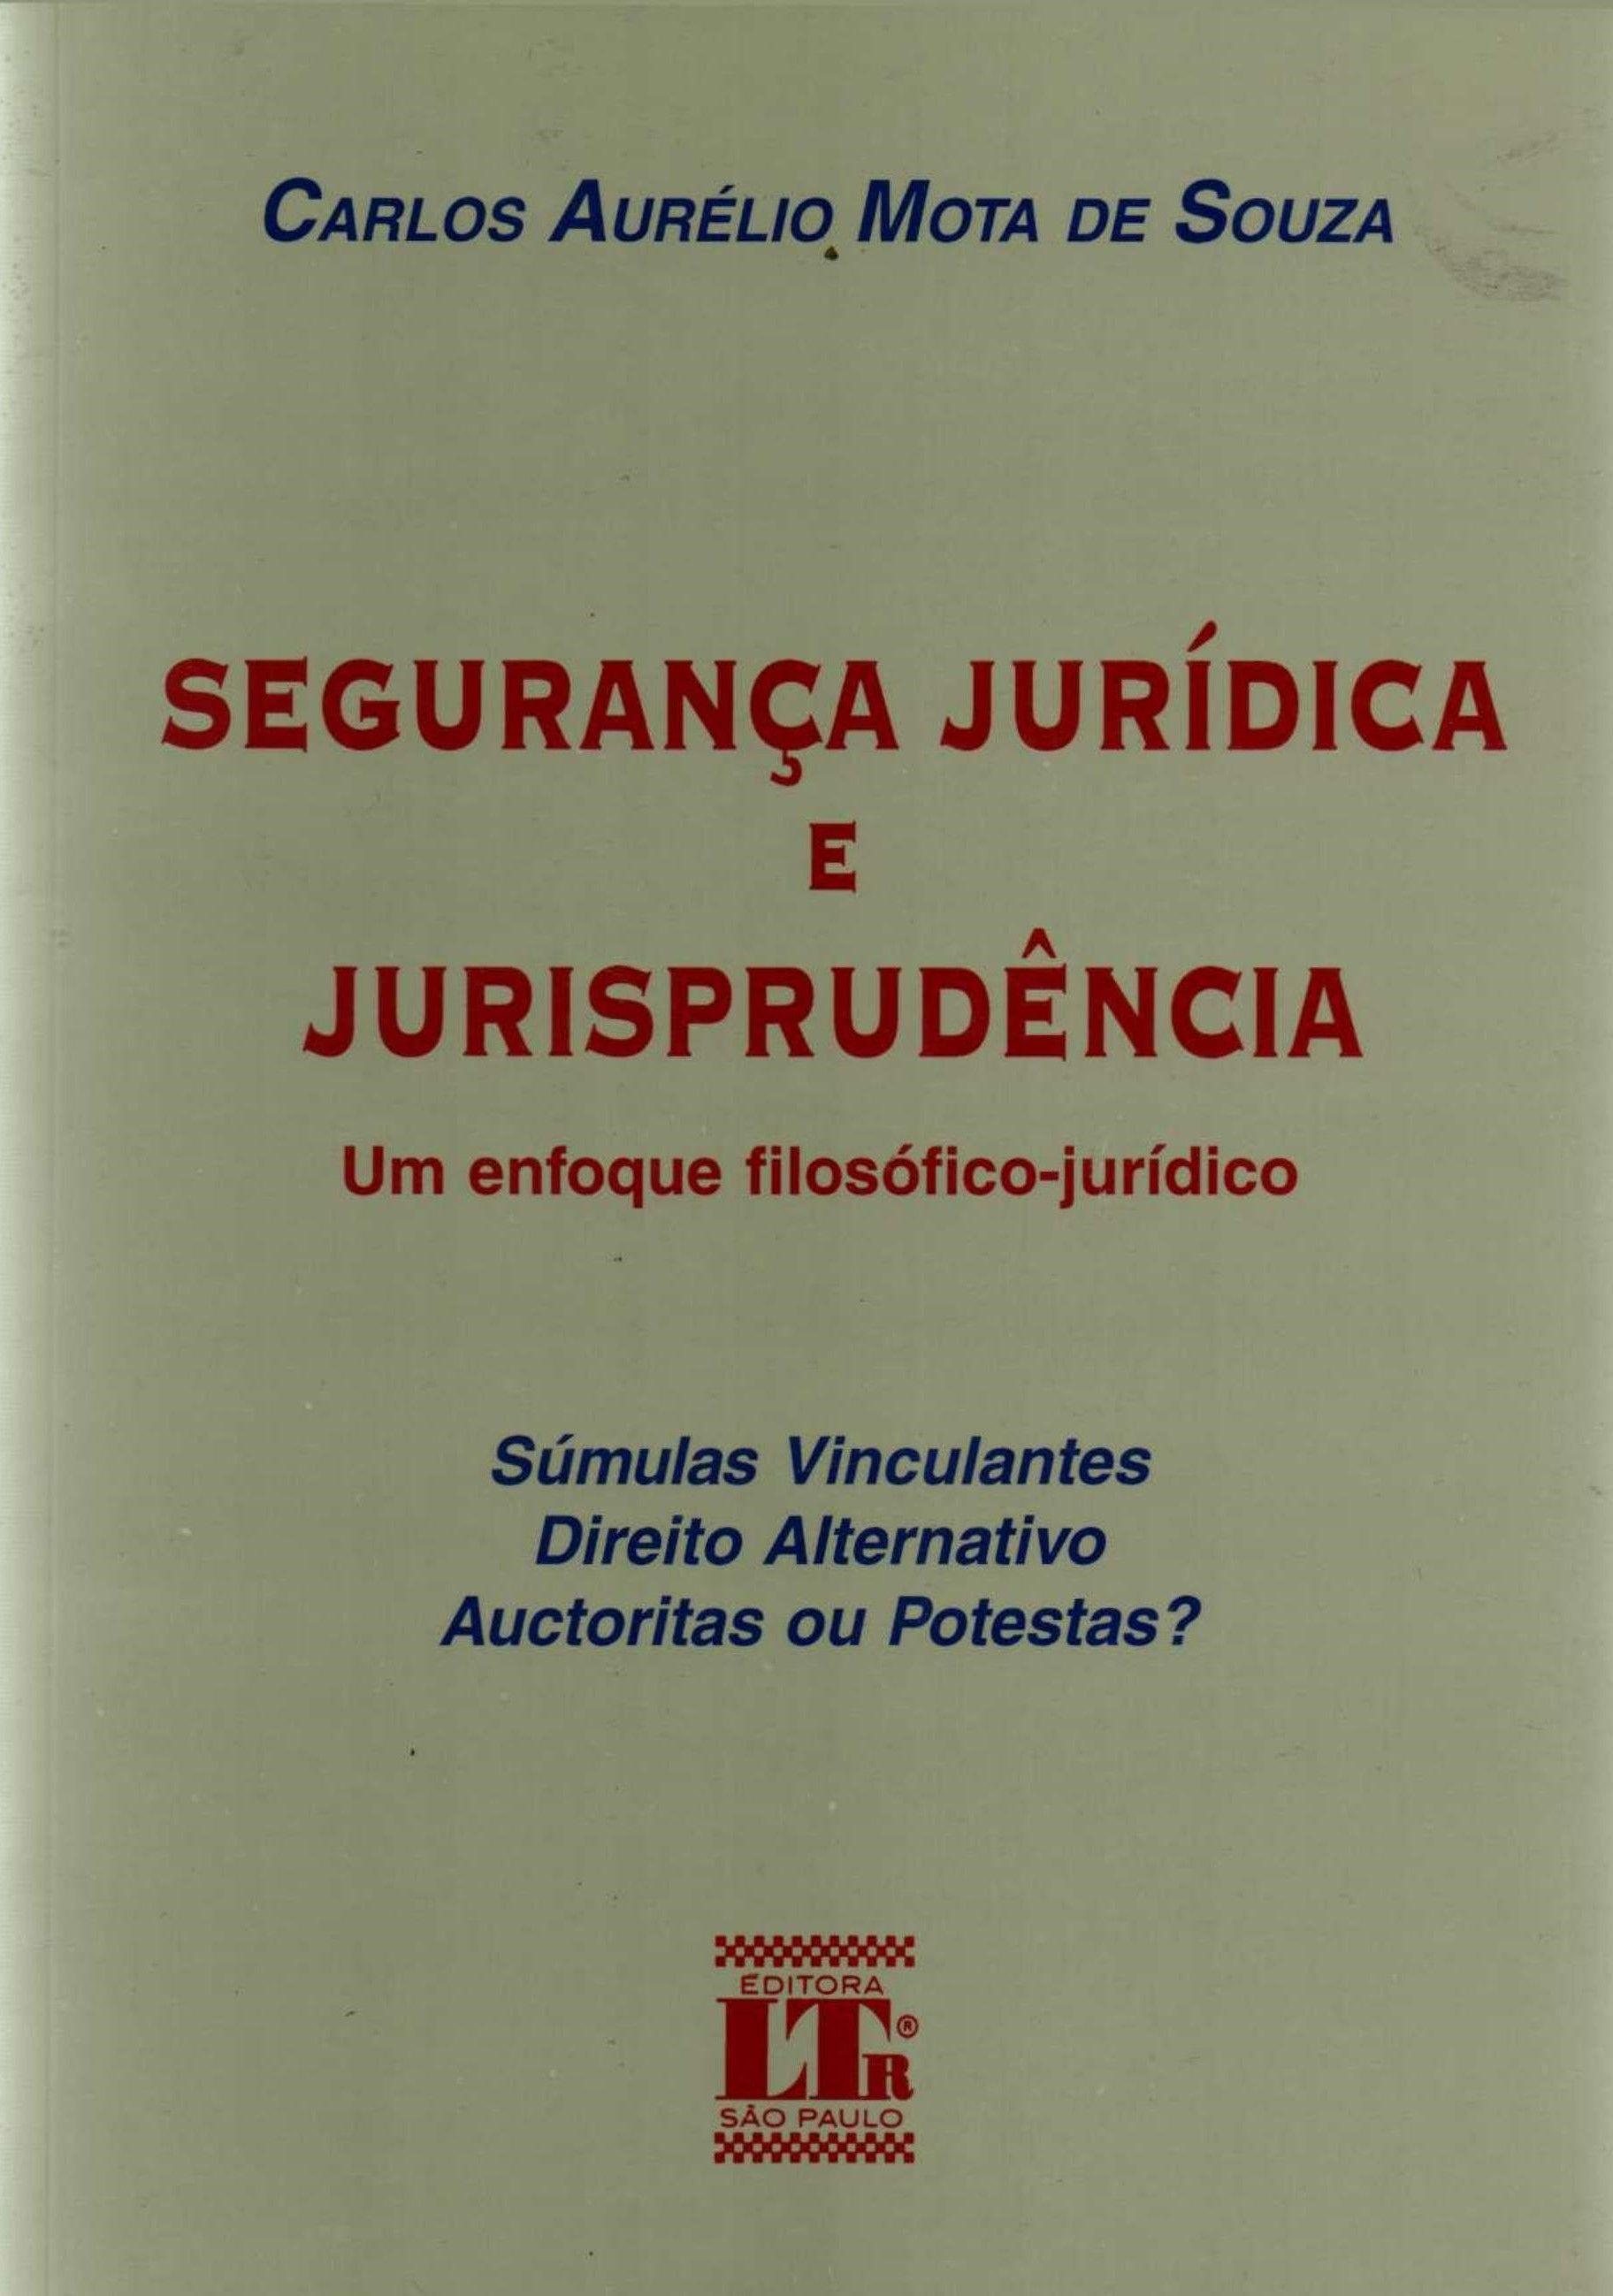 Segurança Jurídica e Jurisprudência - Um enfoque filosófico jurídico